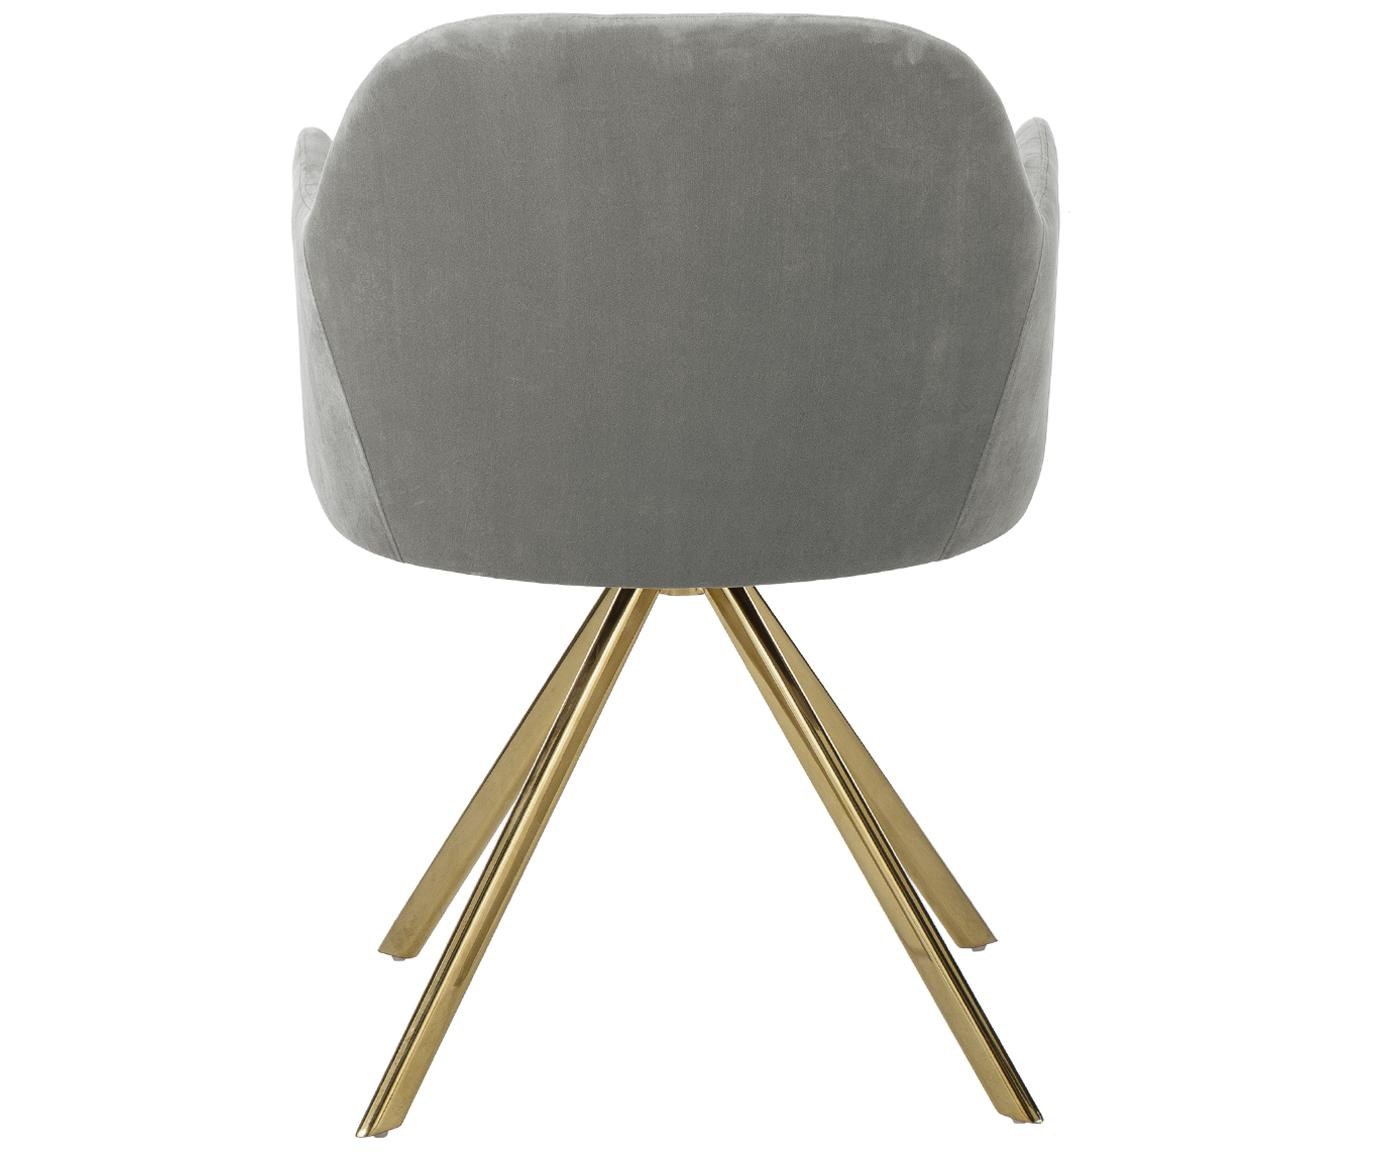 Samt-Drehstuhl Lola mit Armlehne, Bezug: Samt (100% Polyester) 50., Beine: Metall, galvanisiert, Samt Steingrau, Beine Gold, B 55 x T 52 cm